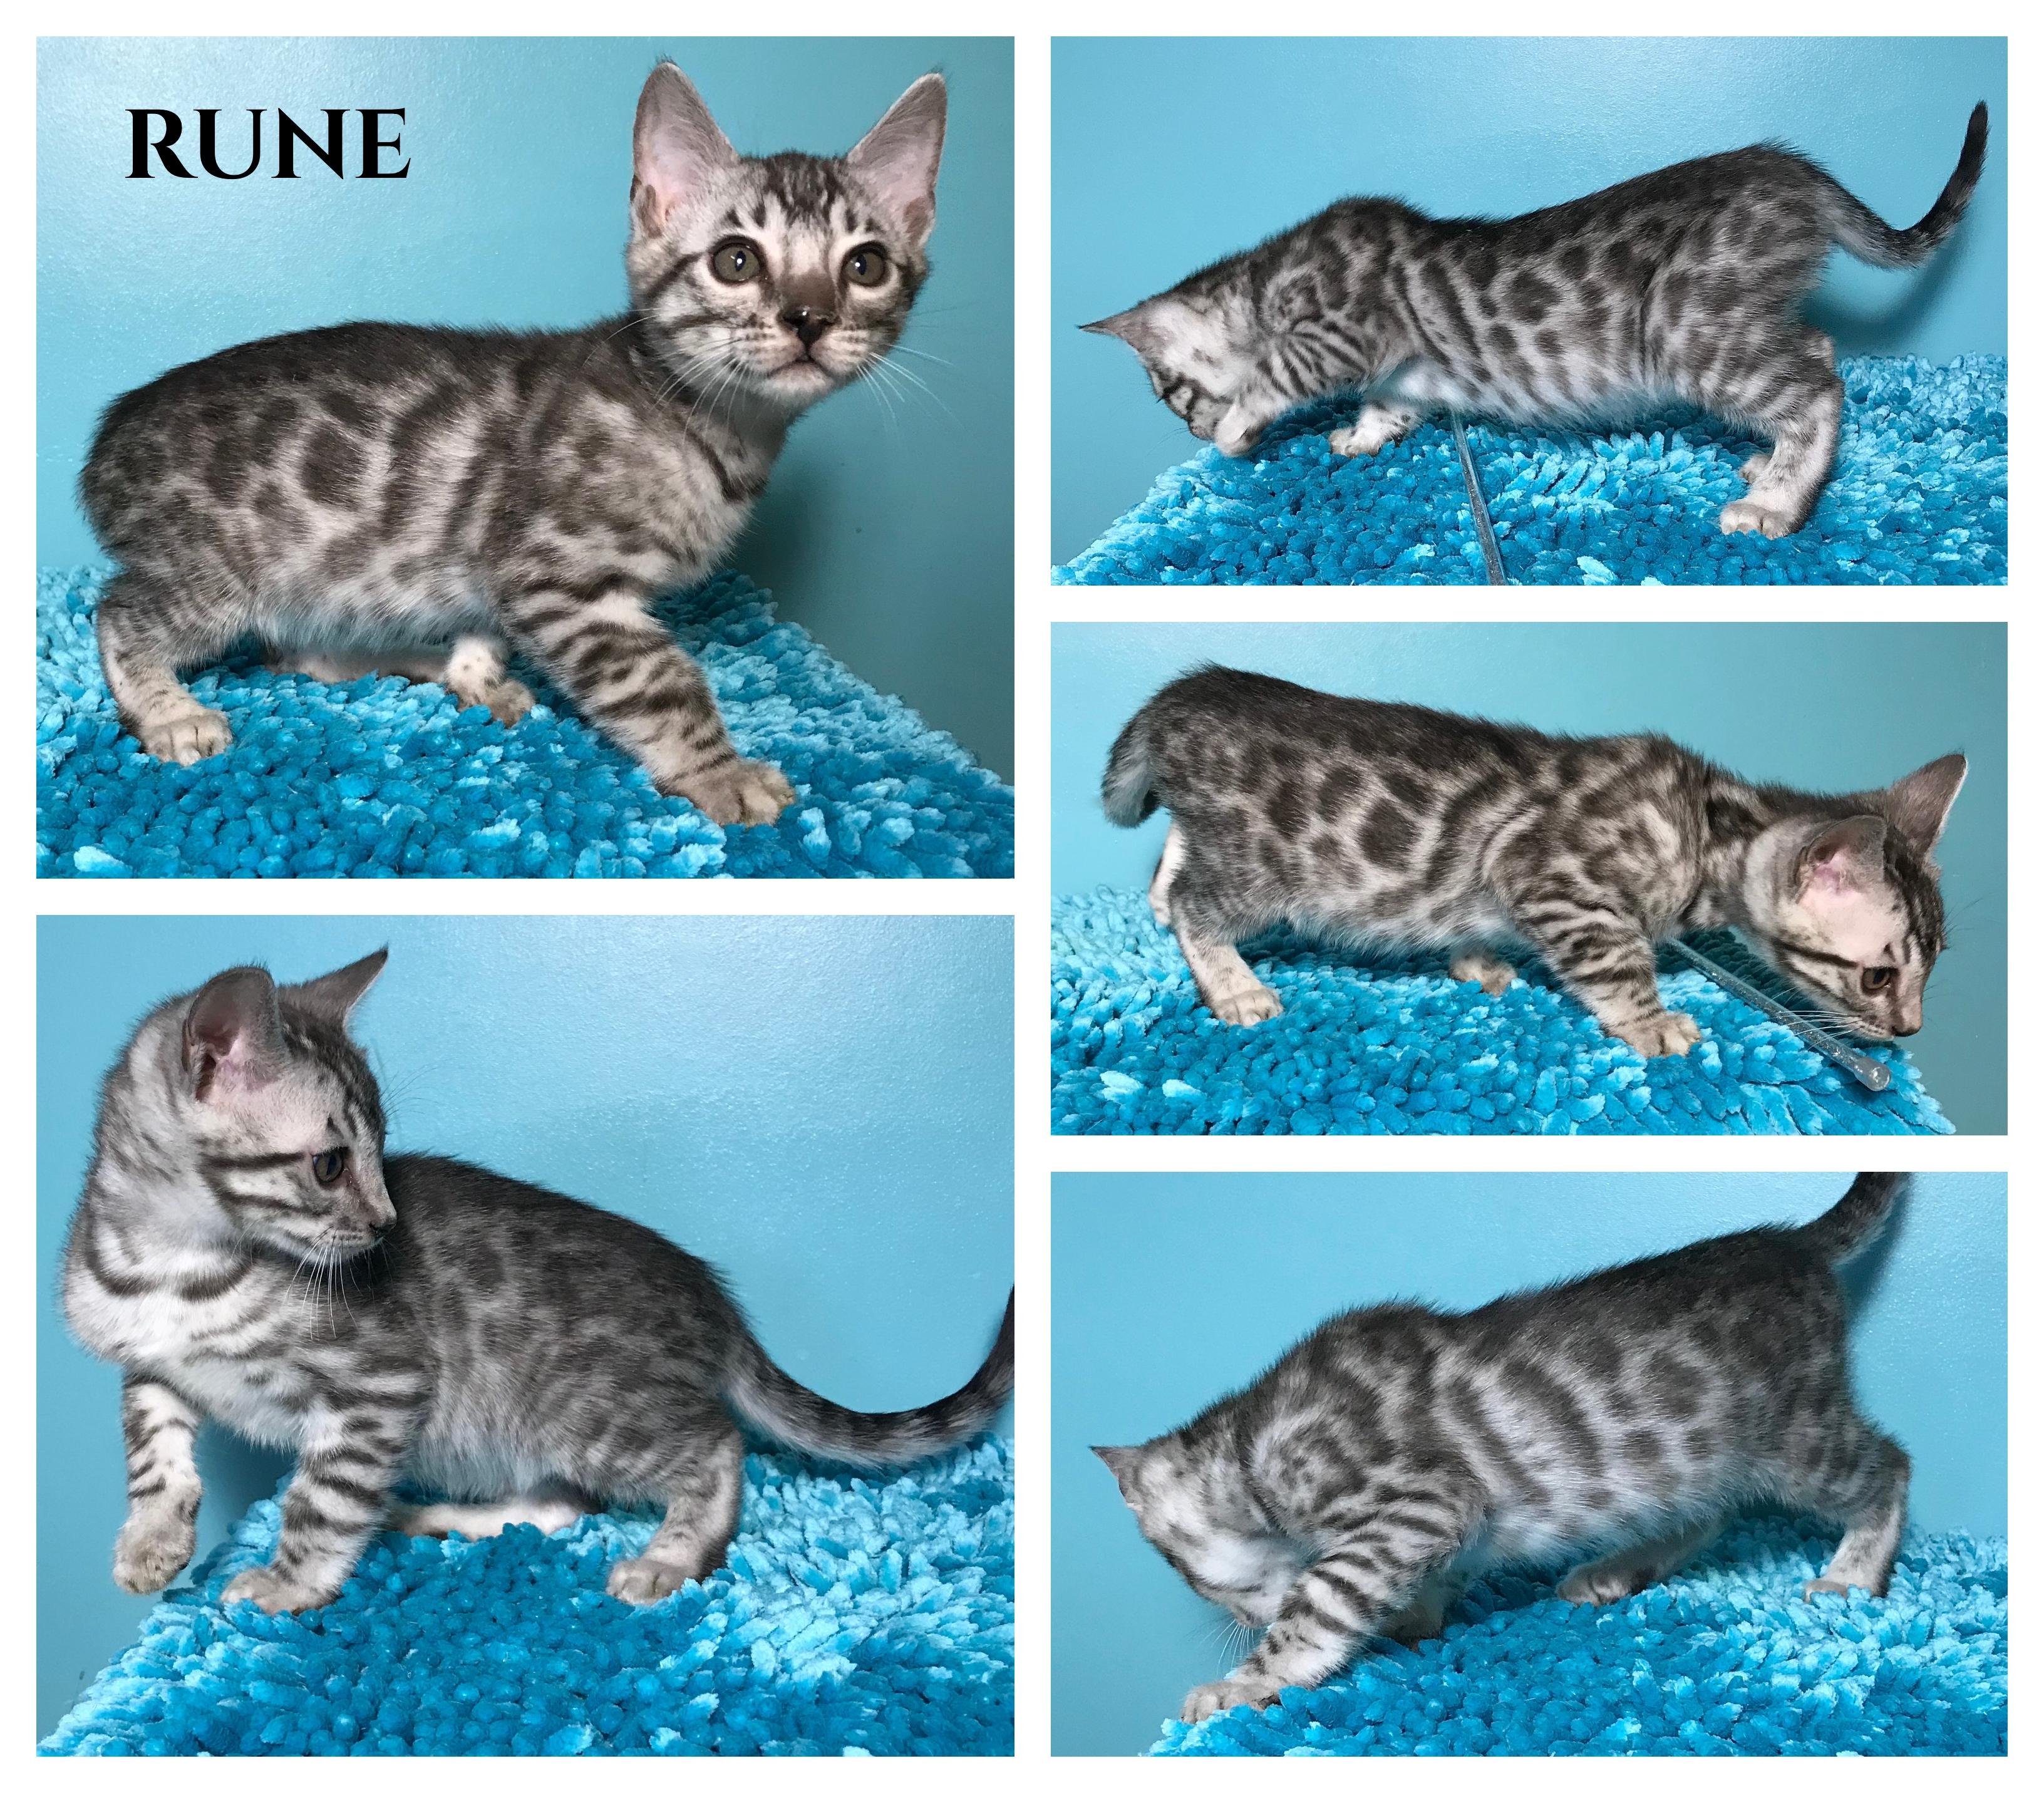 Rune 9 weeks